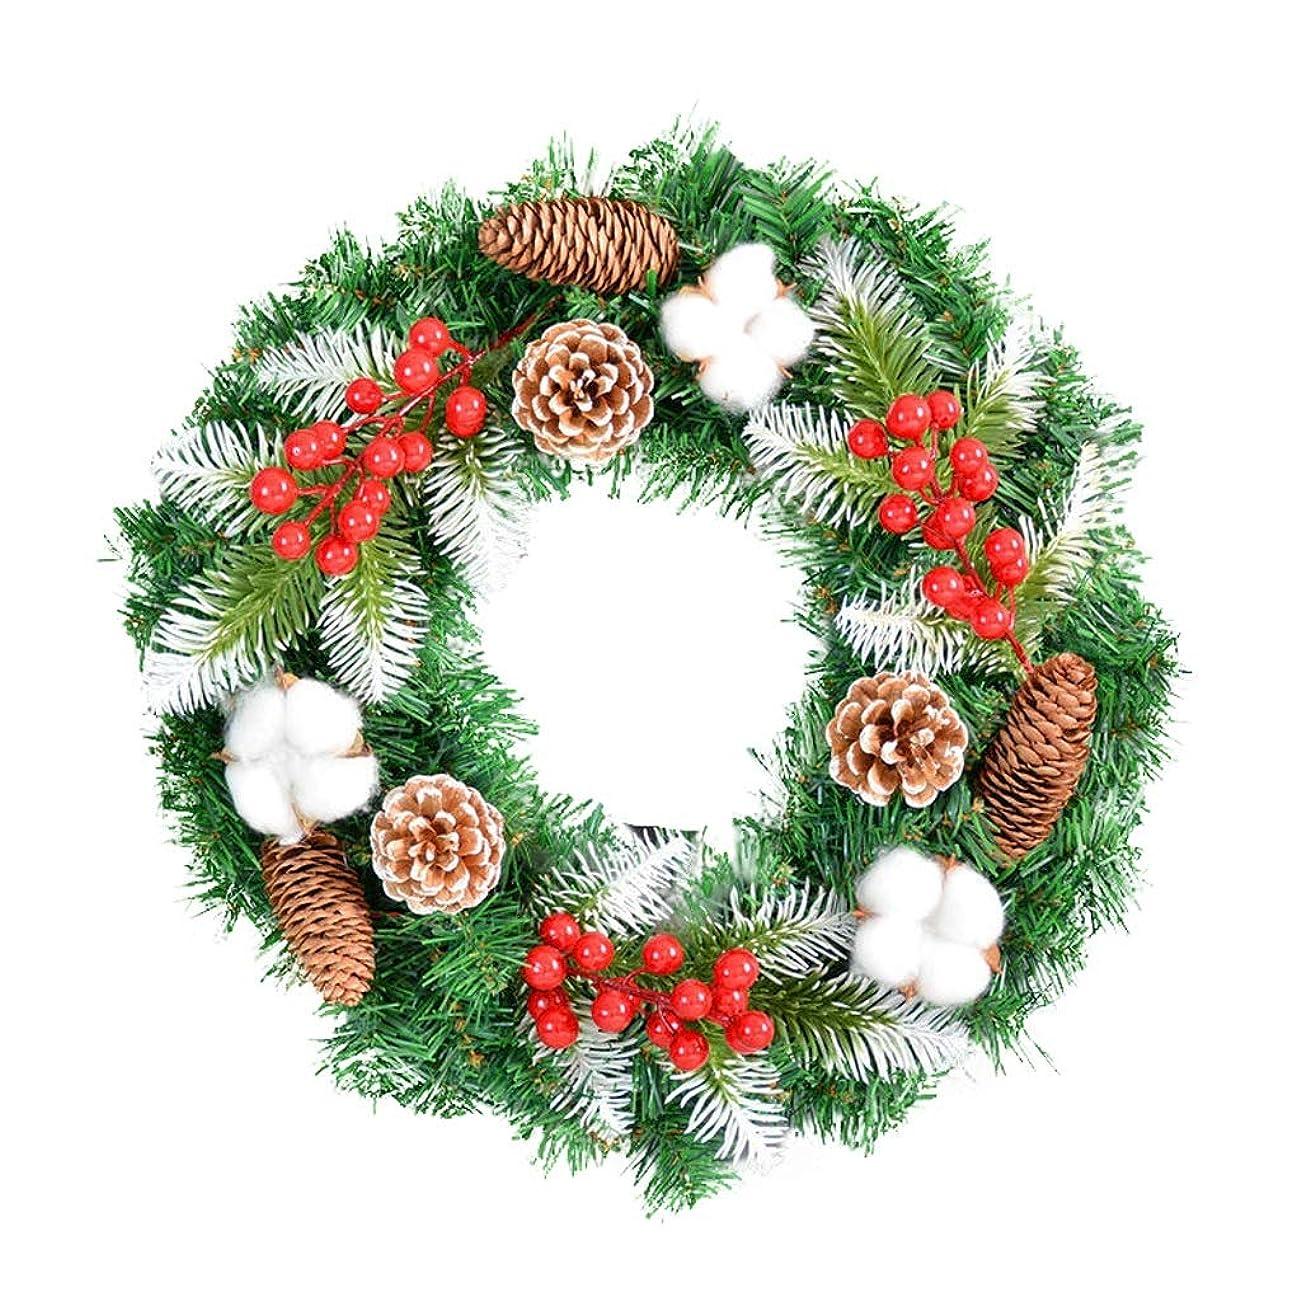 火山家主異なるHN クリスマスリース、クリスマスの装飾、ドアマテリアルを吊るす、クリスマスツリーの装飾、40cm50cm60cmオプション (Color : Without lights, Size : 50x50cm)